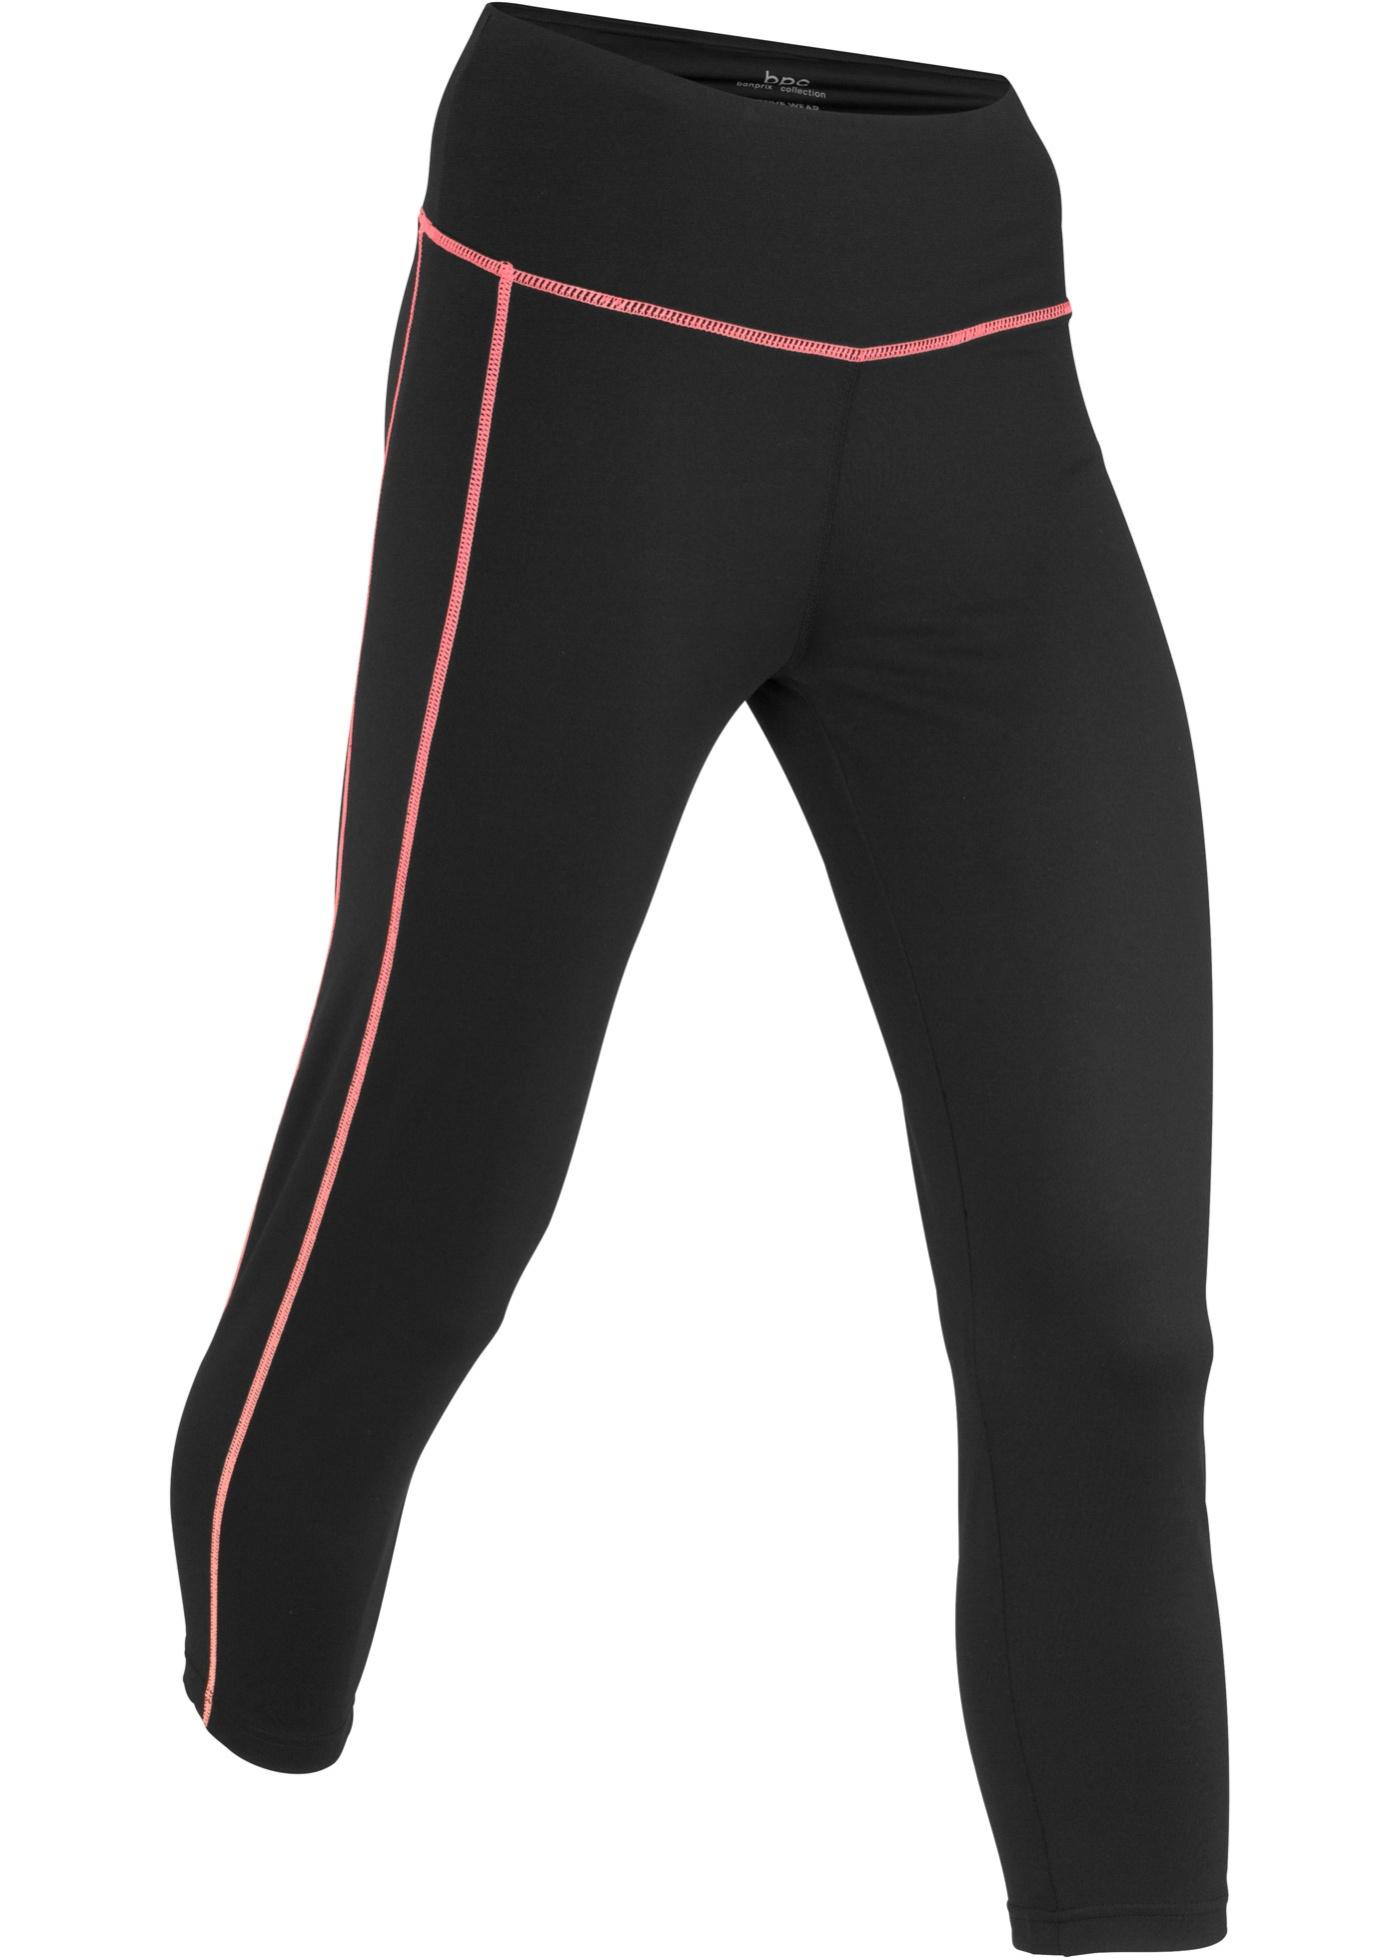 Sport Bonprix Longueur Pour 3 Noir 4Niveau Bpc De Femme CollectionLegging 2 4RL5Aj